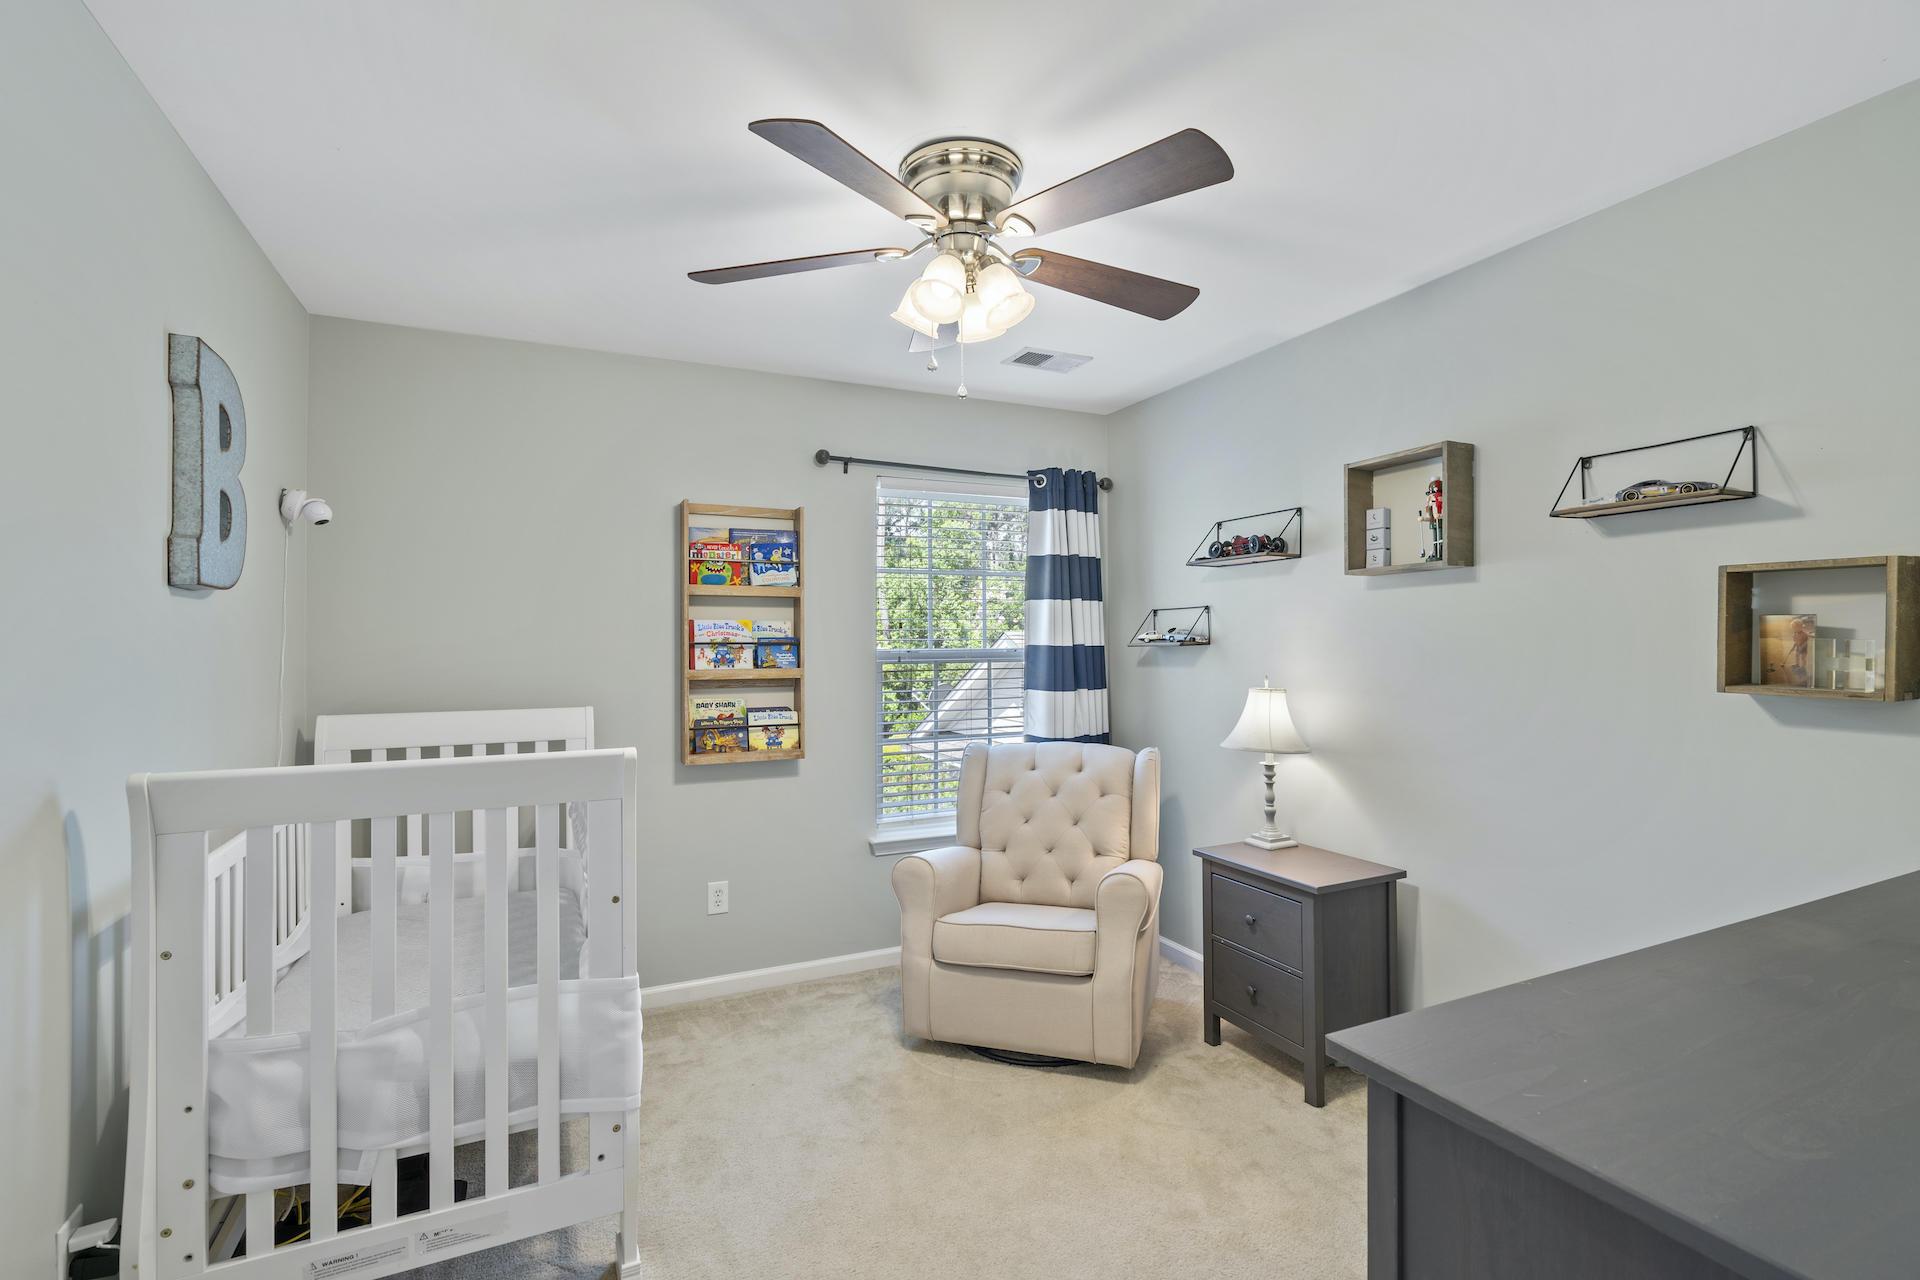 Park West Homes For Sale - 3061 Park West, Mount Pleasant, SC - 2